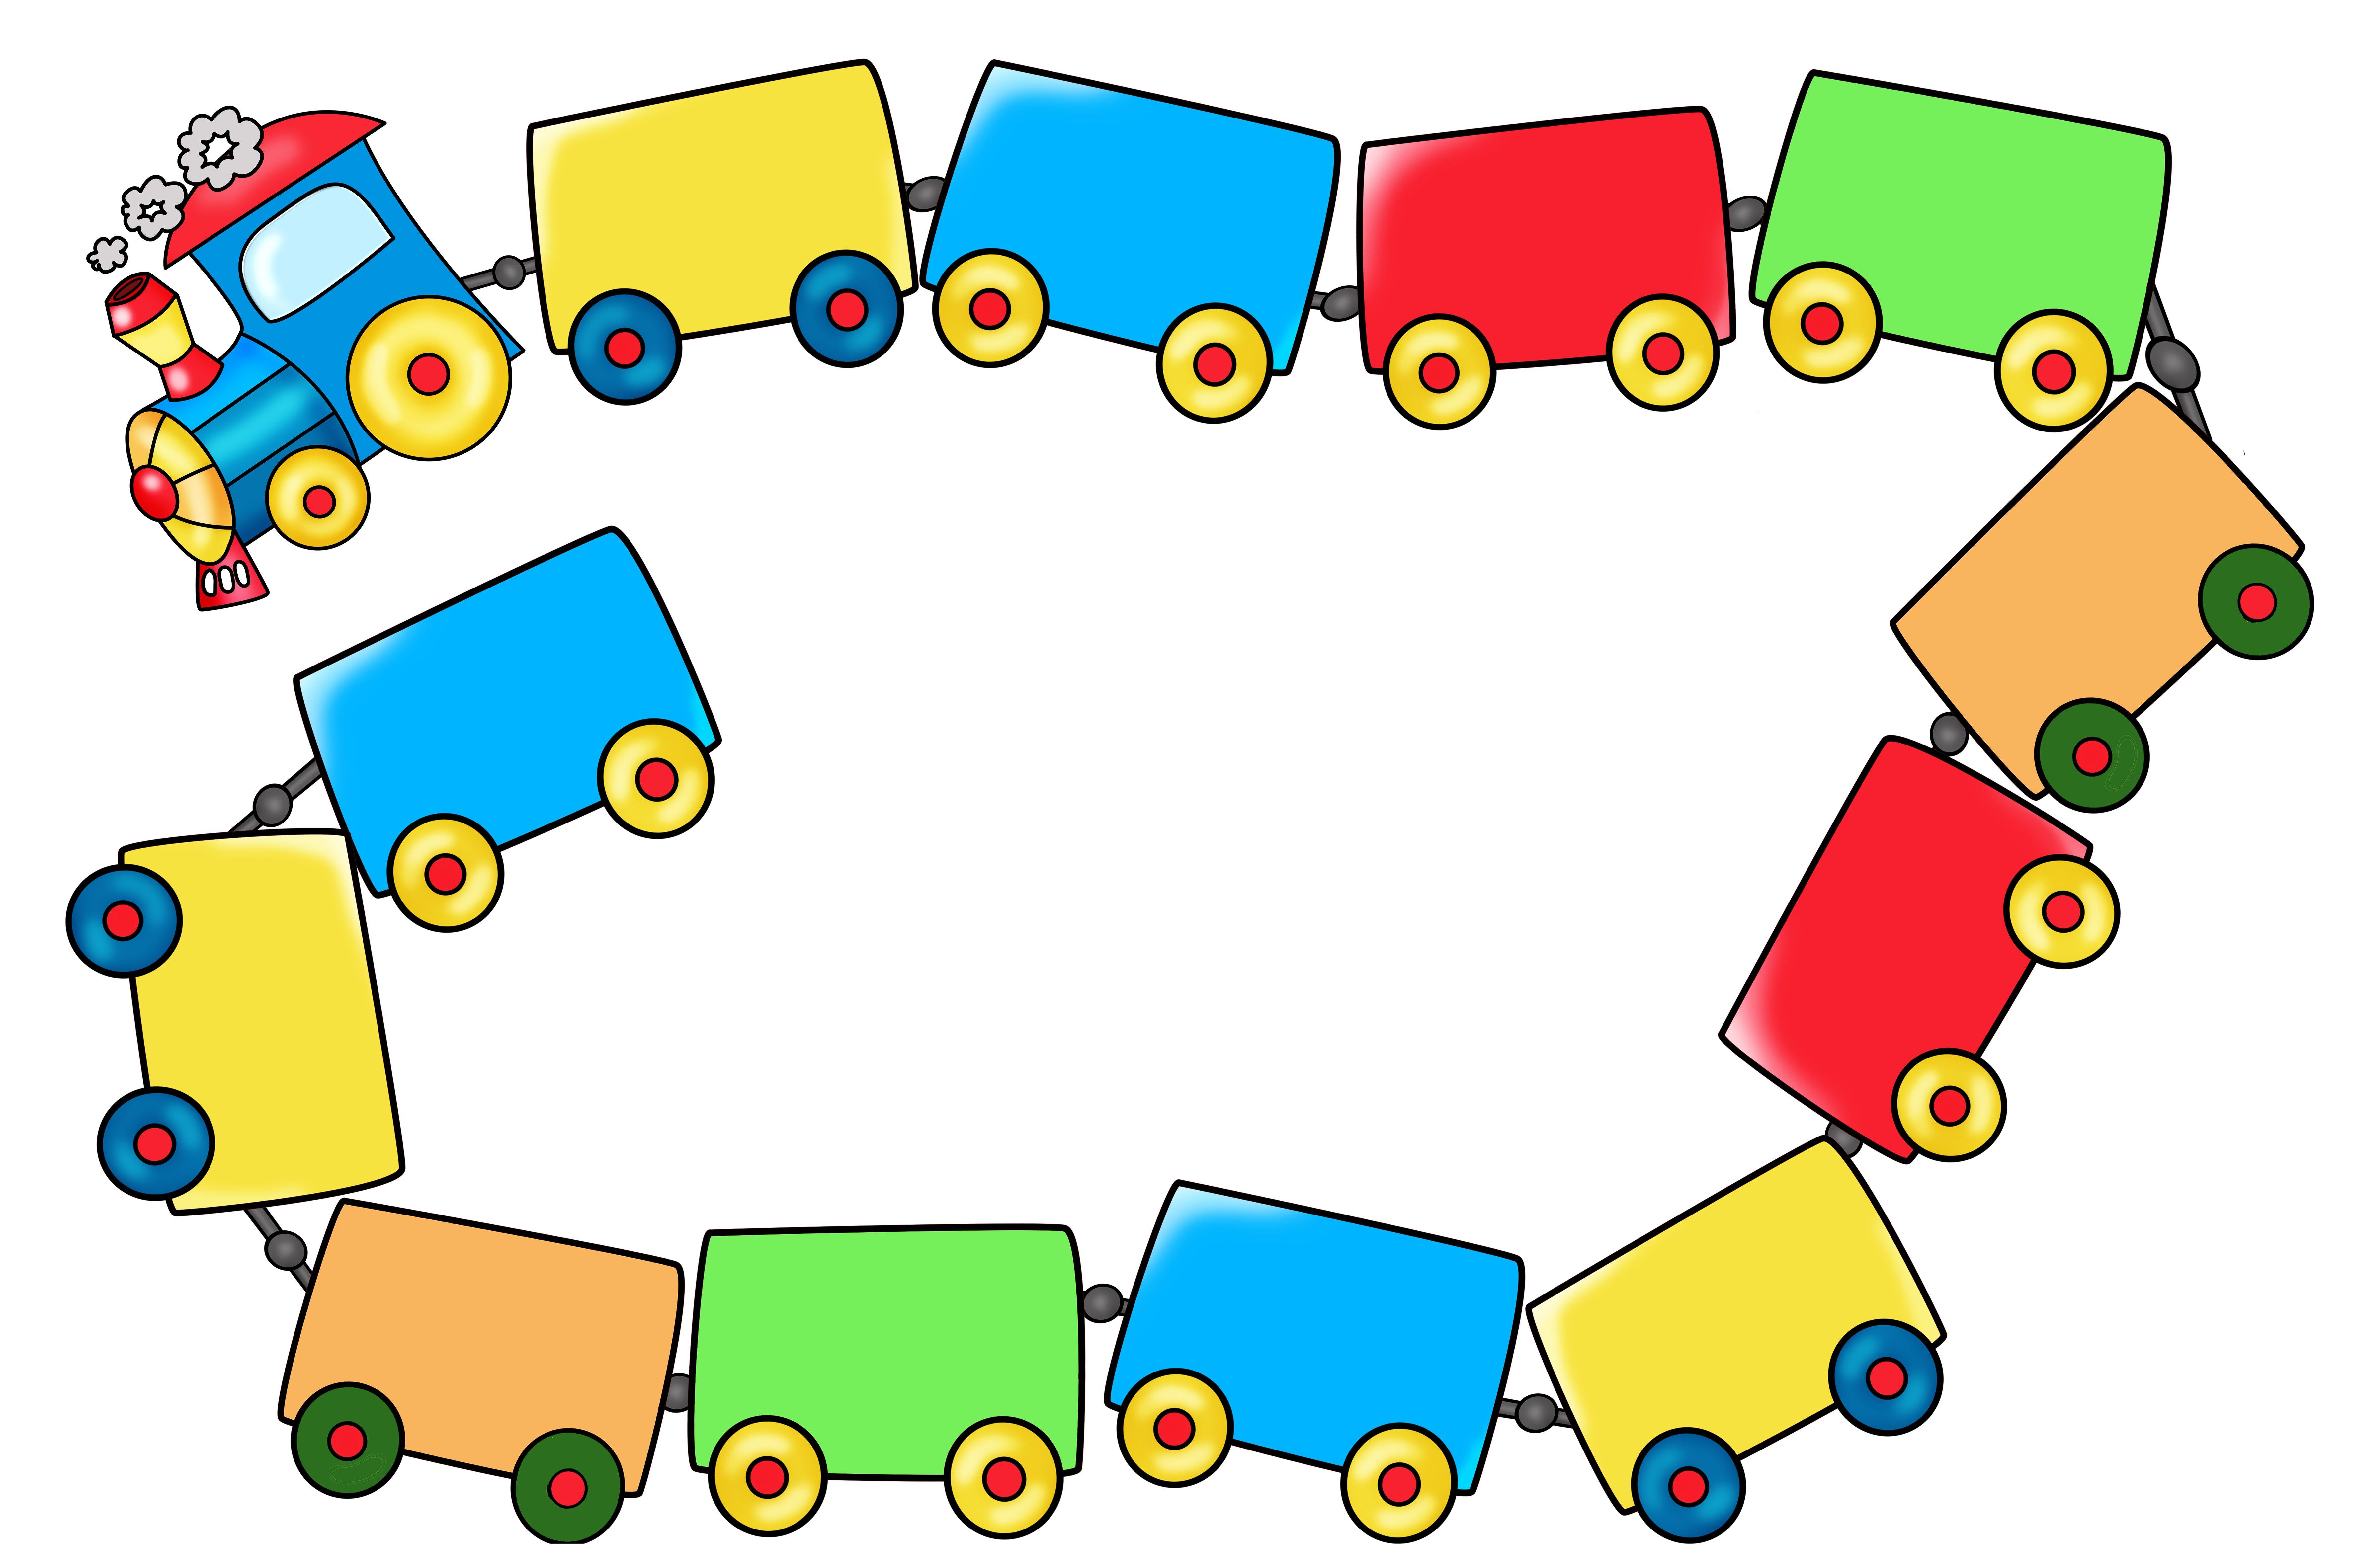 высаживают картинка паровозик с вагонами на прозрачном фоне видны